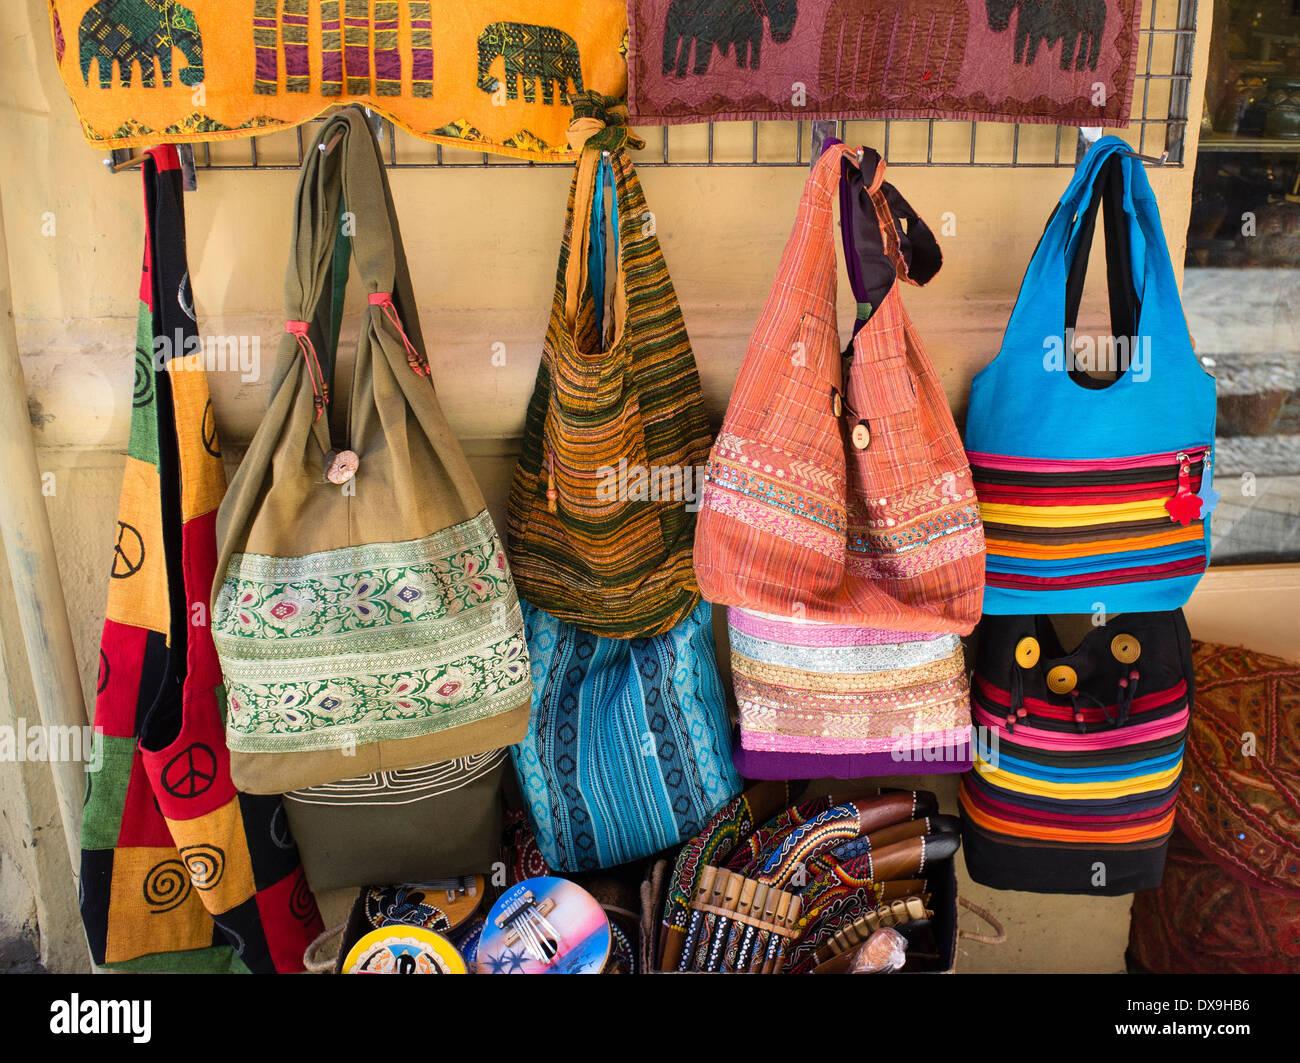 Bunte Handtaschen auf einem Markt in Albayzin, Granada, Spanien Stockbild